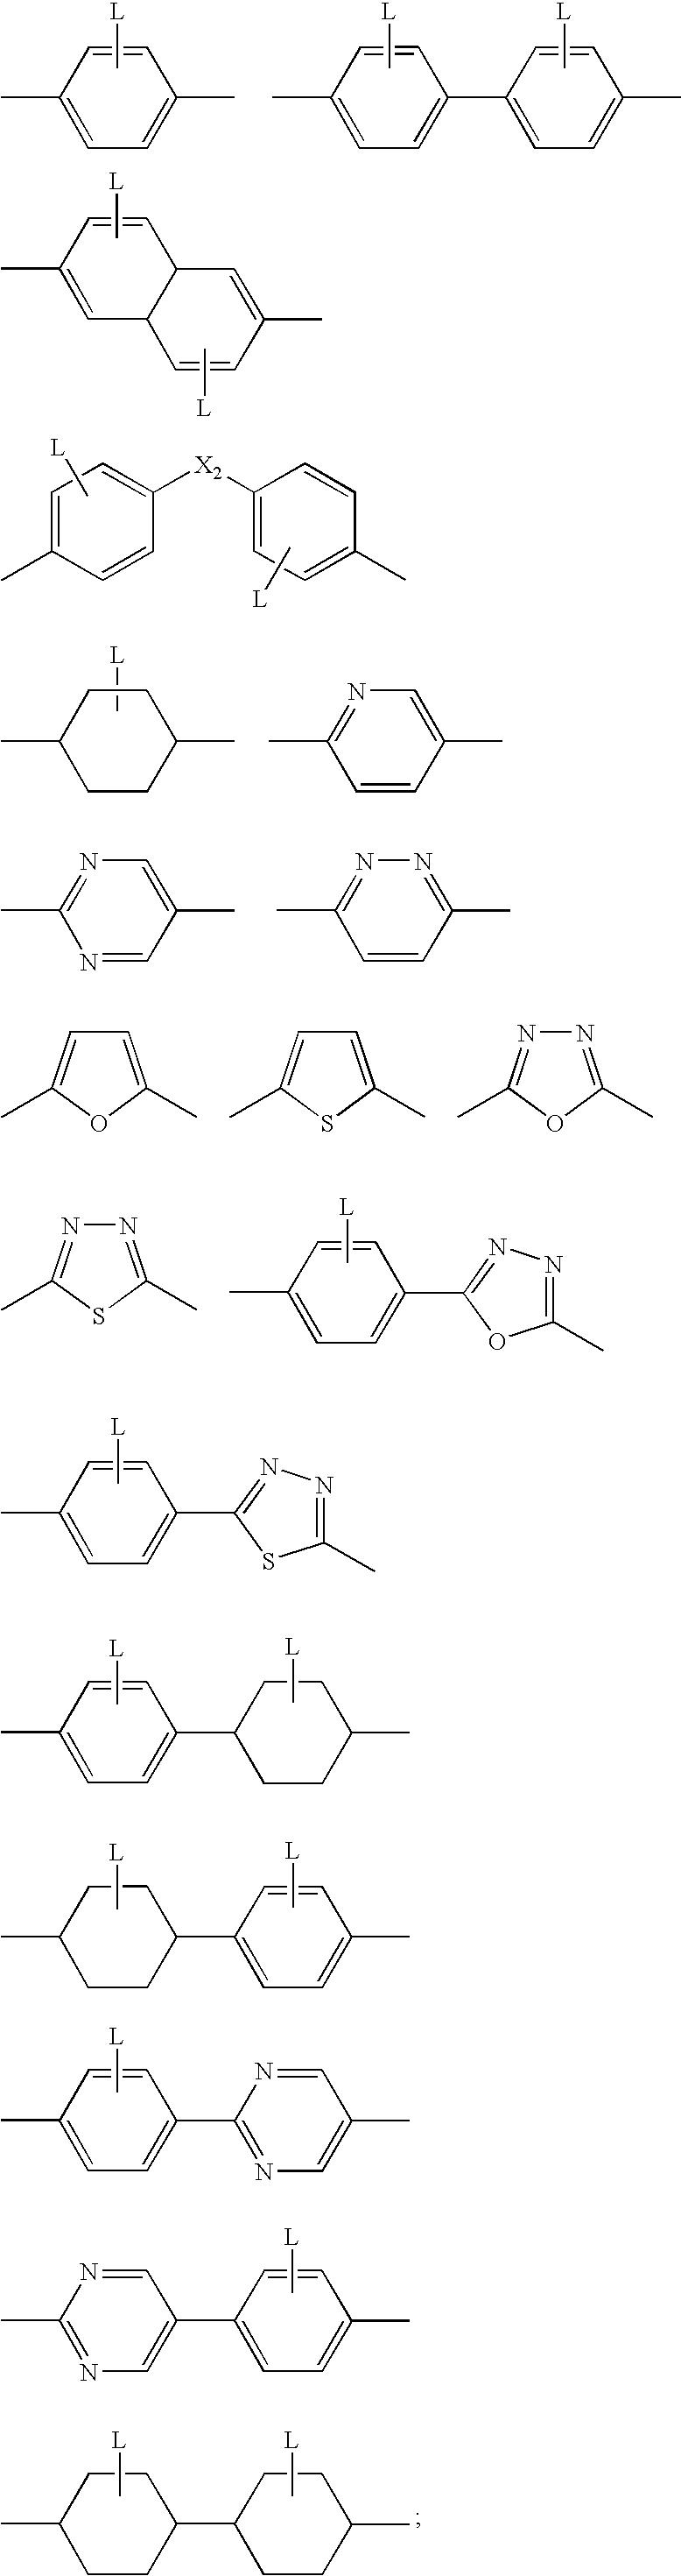 Figure US20100079721A1-20100401-C00003